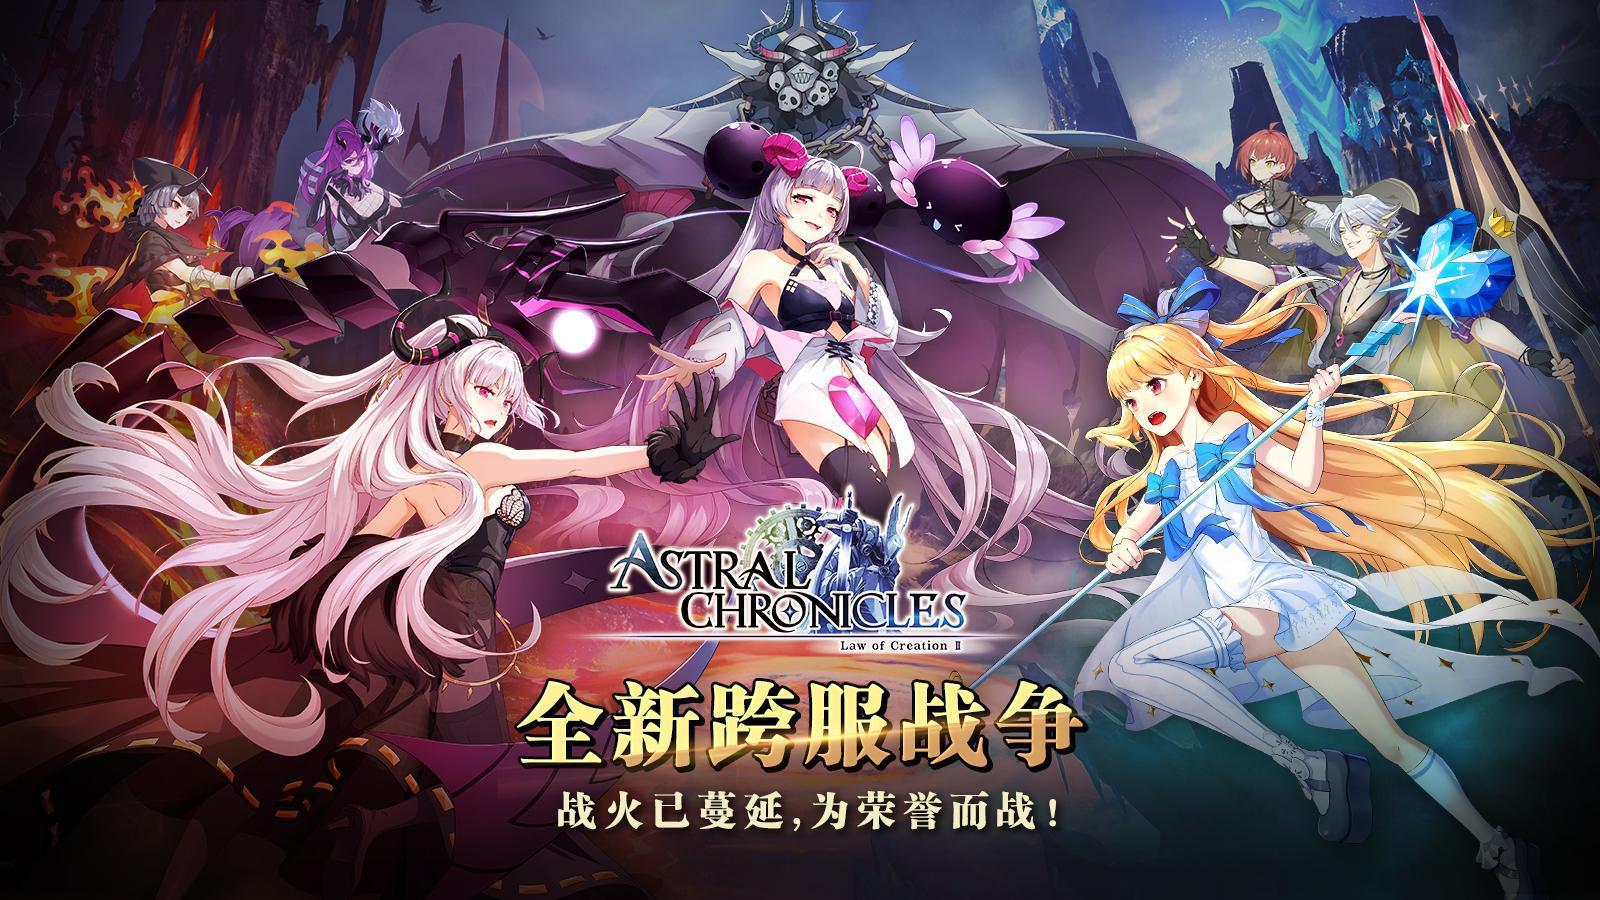 星界编年史(Astral Chronicles) 游戏截图1